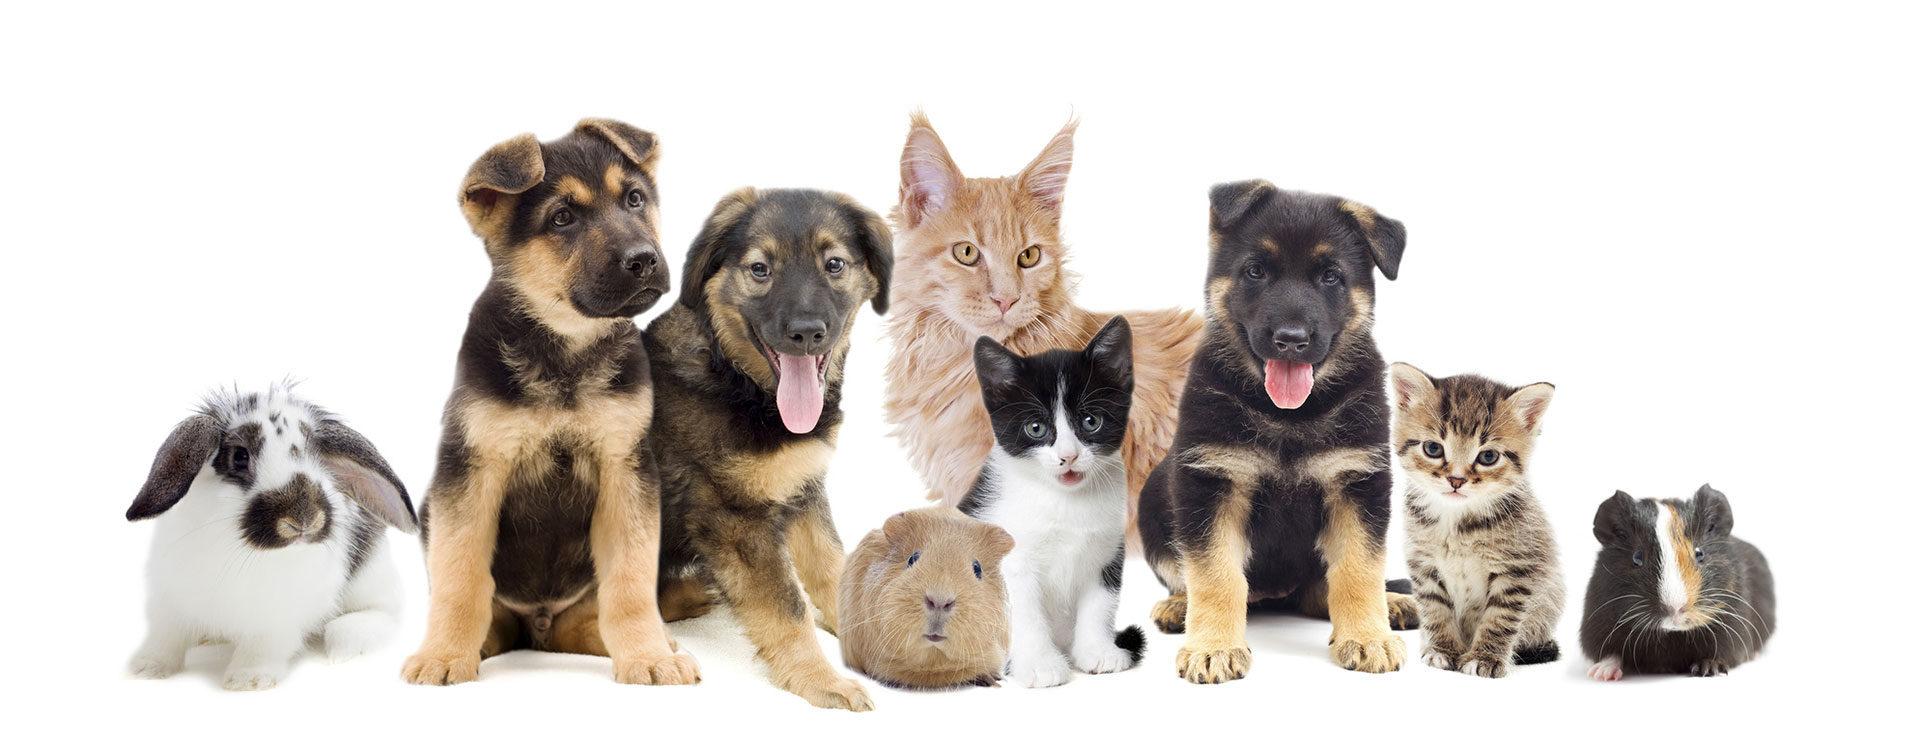 Tierarzt für Kleintiere in Landshut